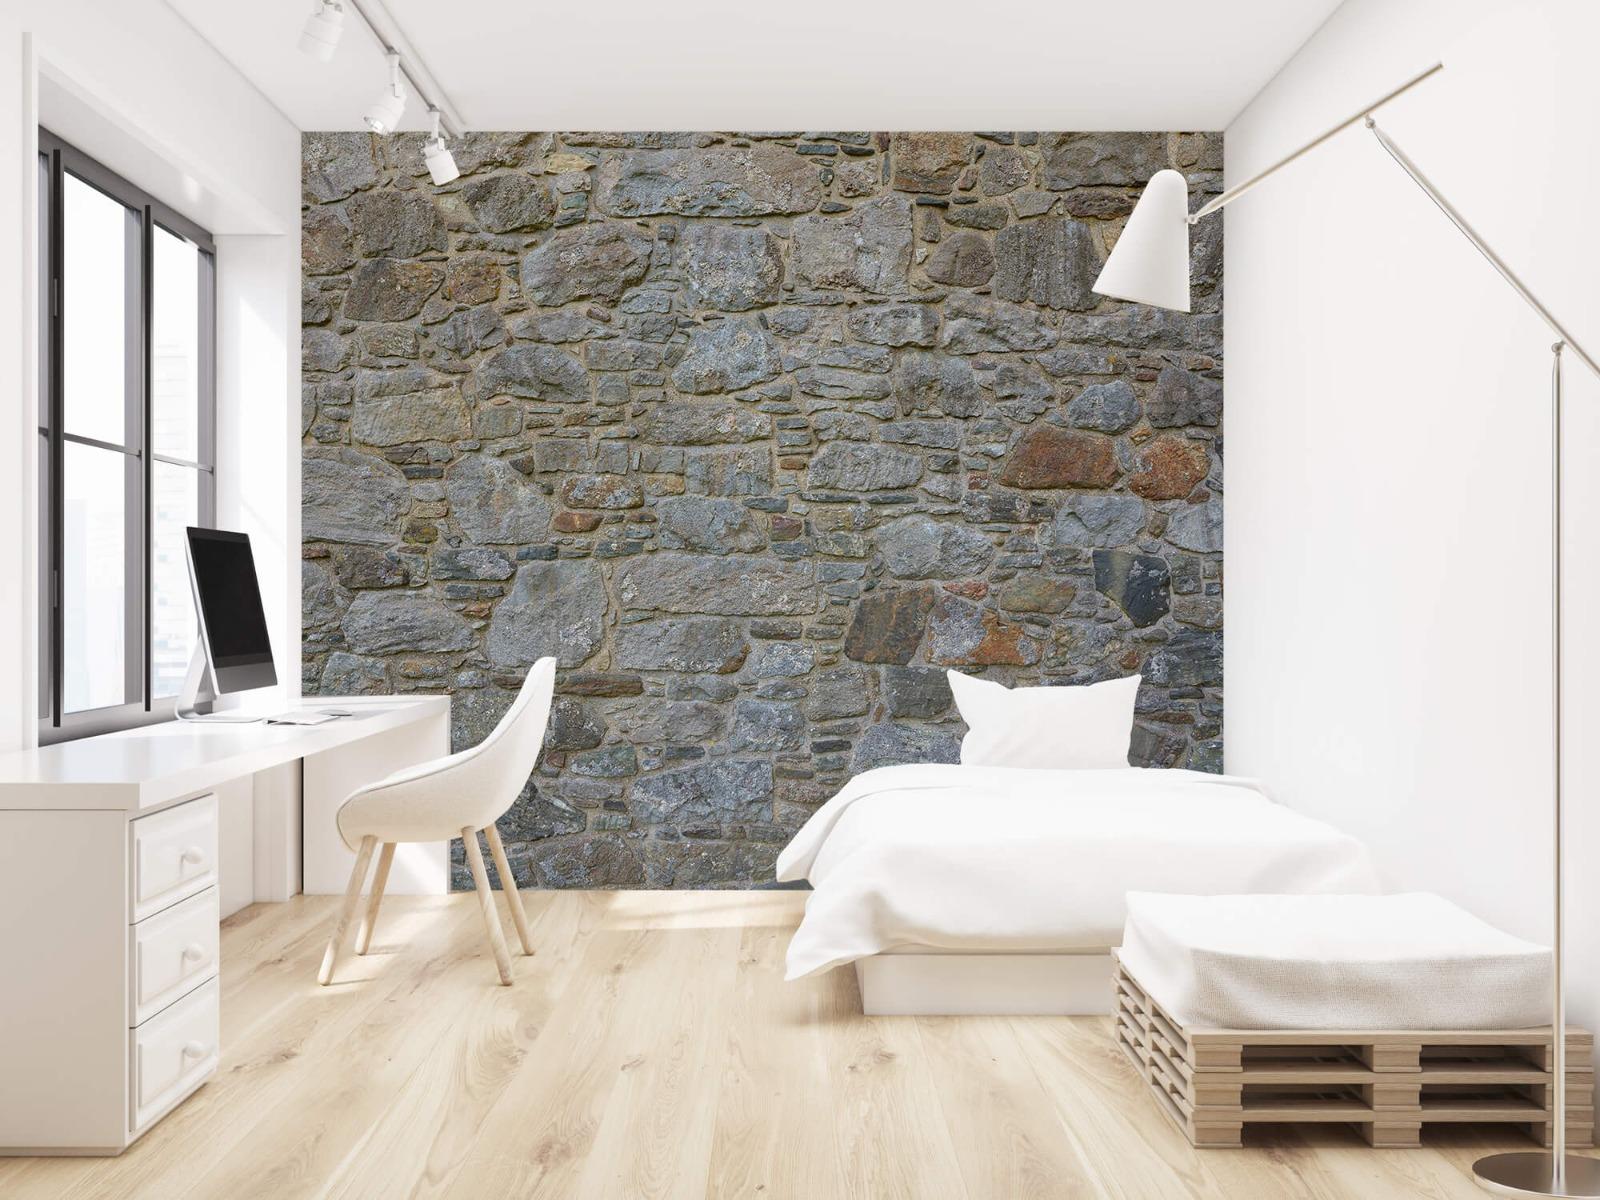 Papier peint en pierre - Mur de pierre médiéval - Chambre à coucher 1